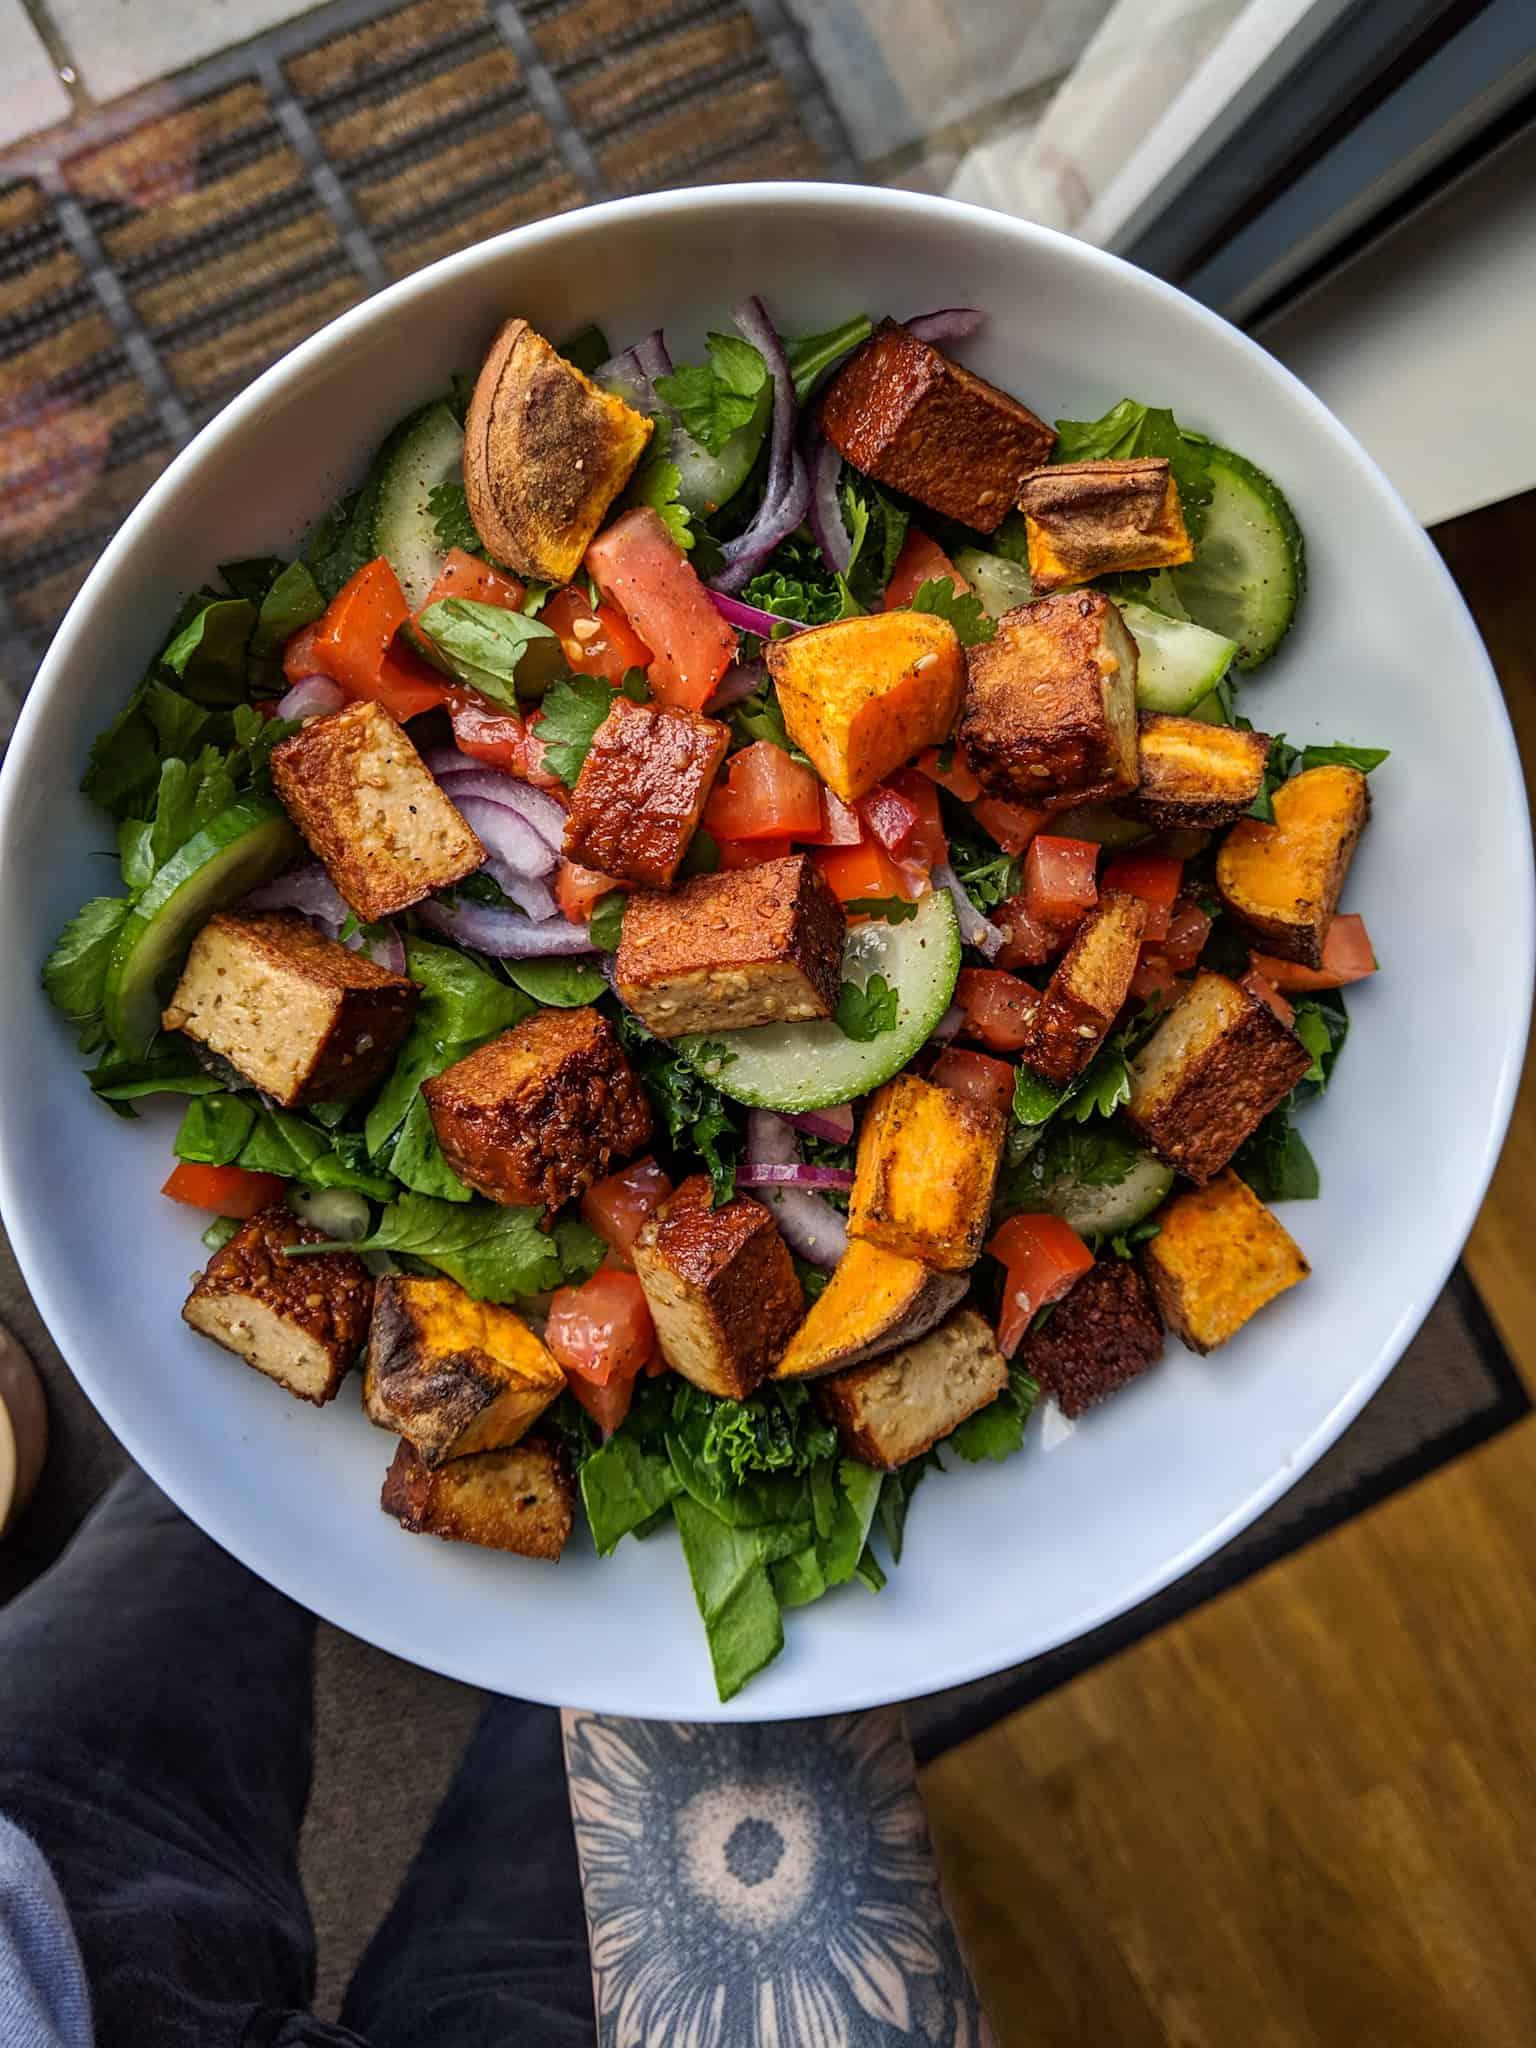 Summer-Salad-with-Tofu